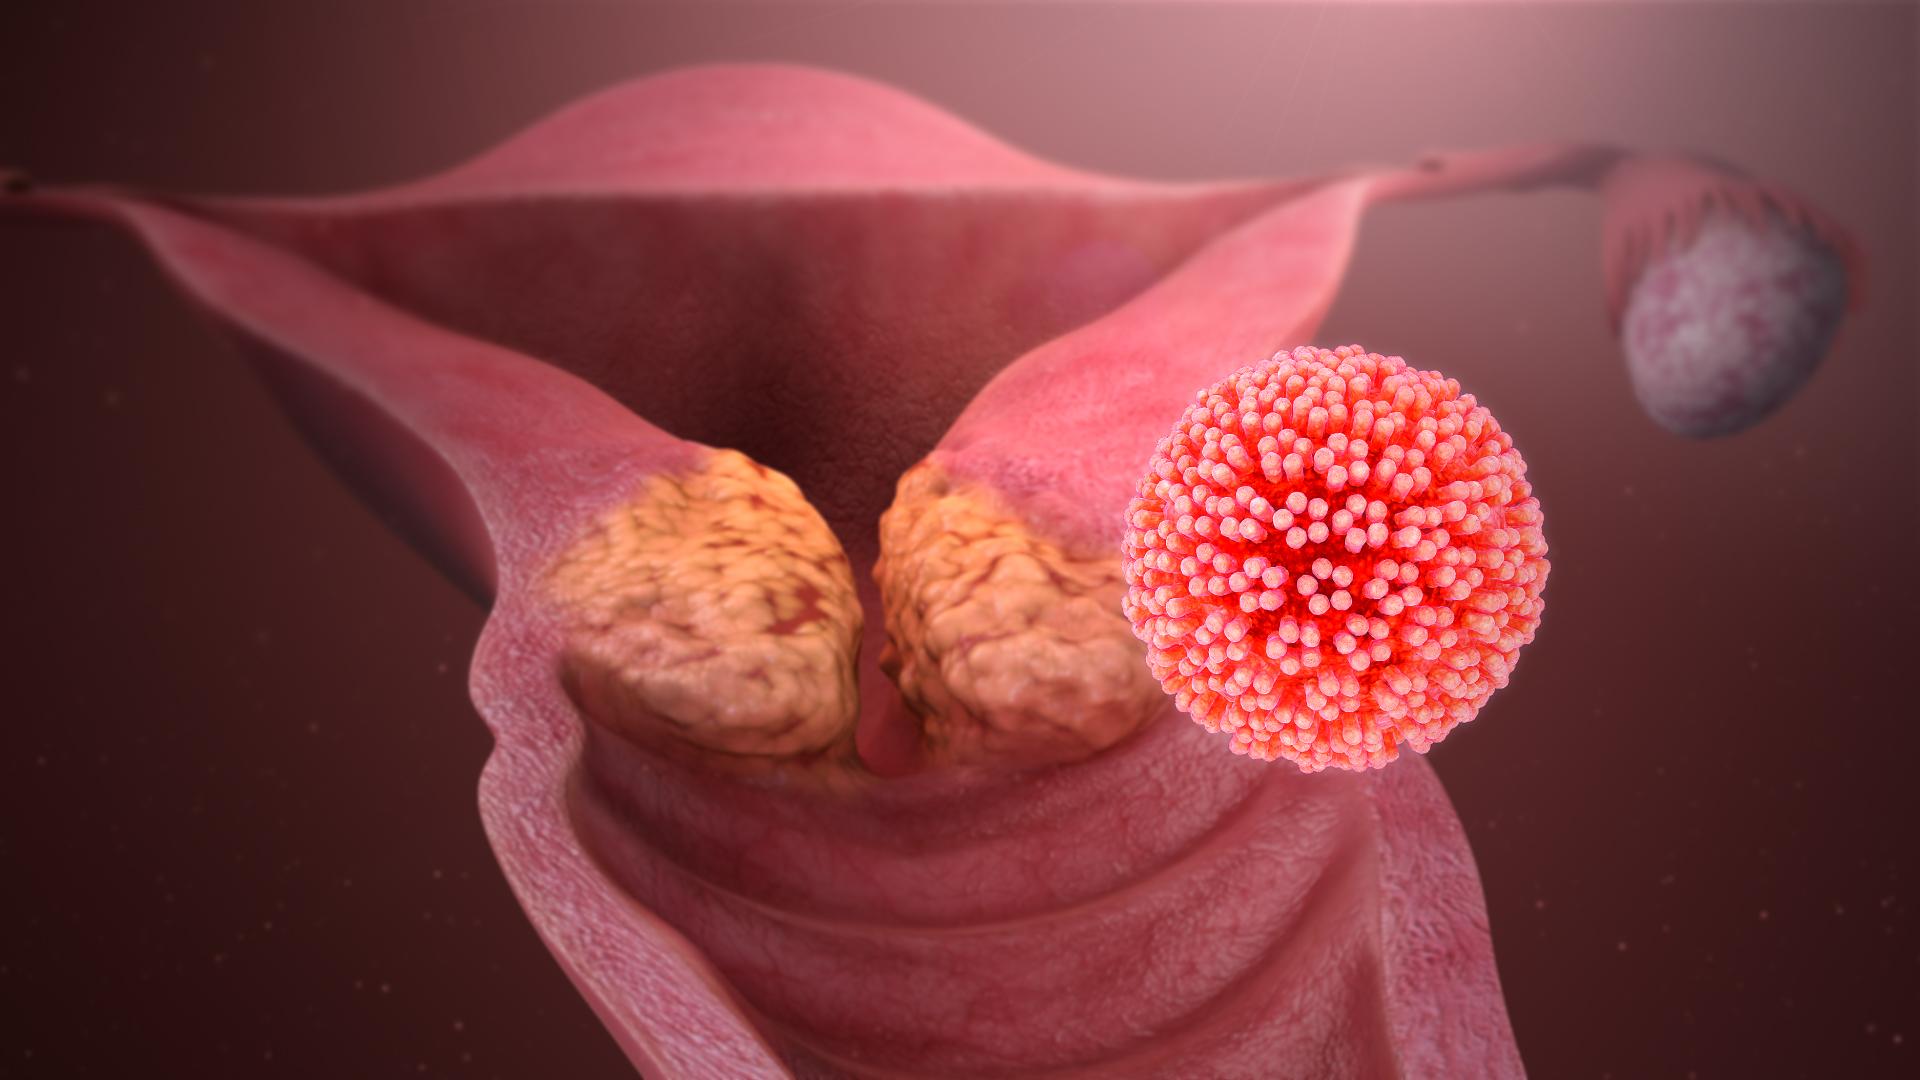 papilomatosis reticulada y confluente tratamiento lombrices intestinales y oxiuros